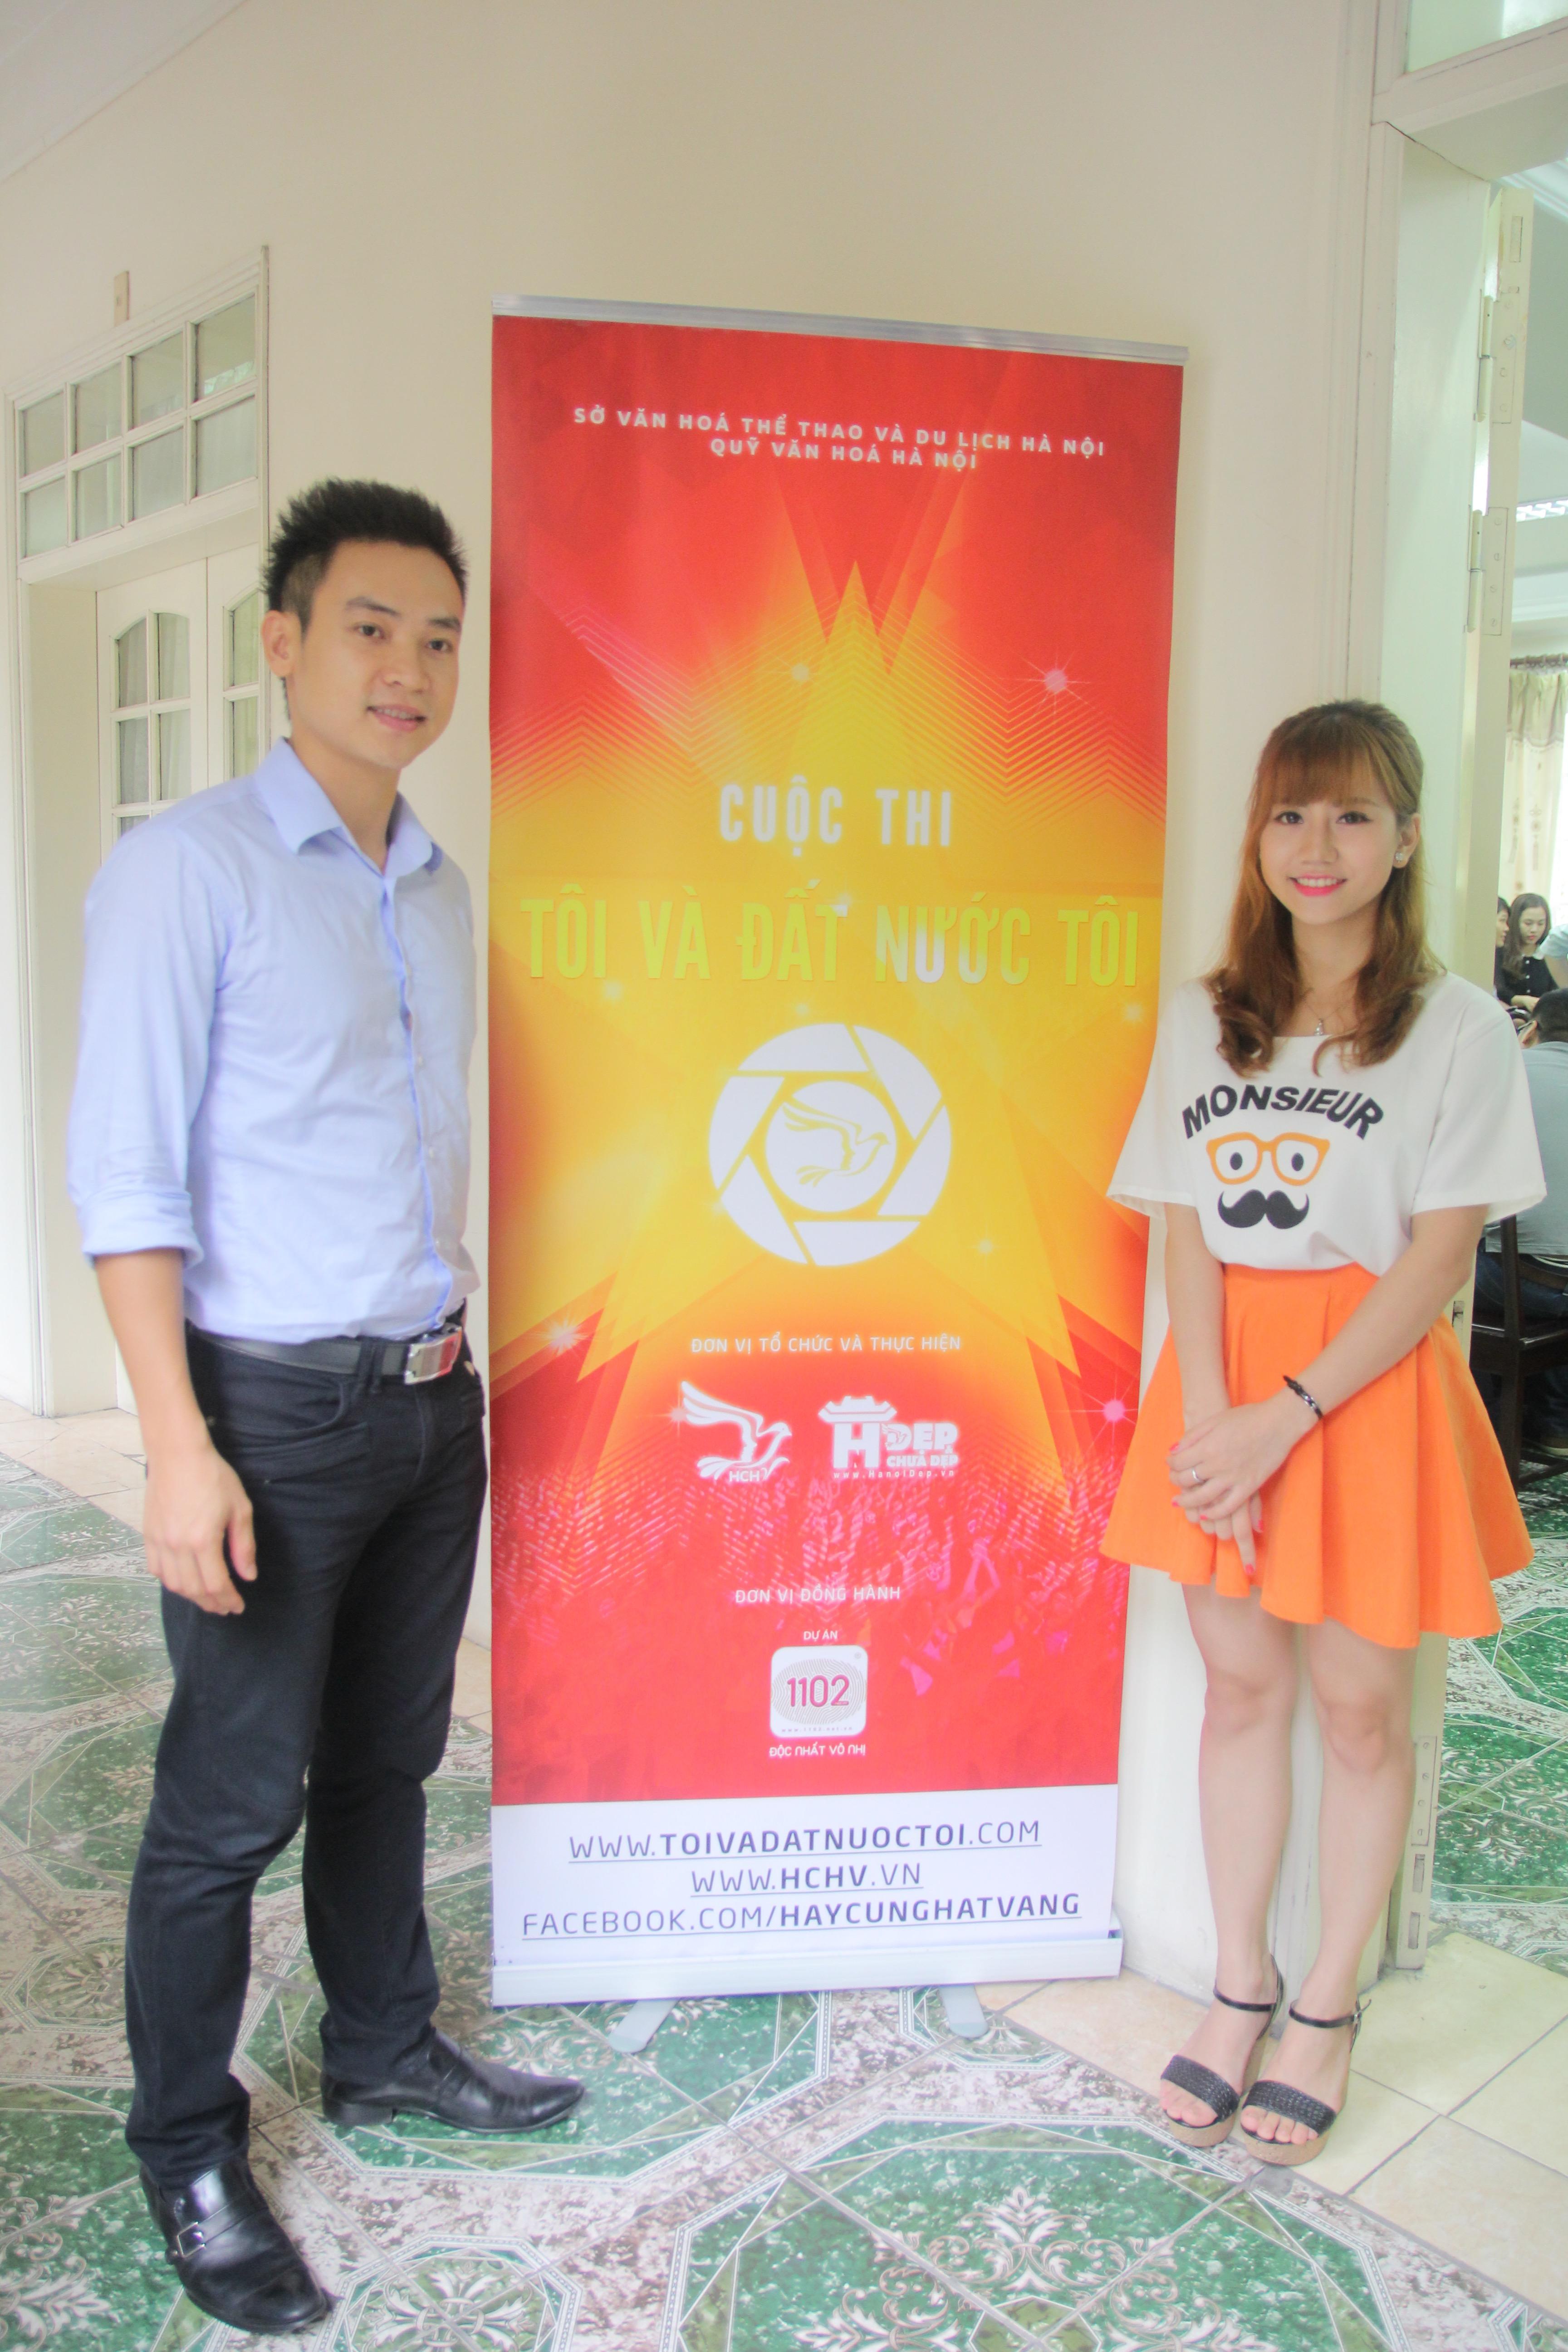 Hà Nội : Gần 50 Giải thưởng cho một cuộc thi online - Ảnh 6